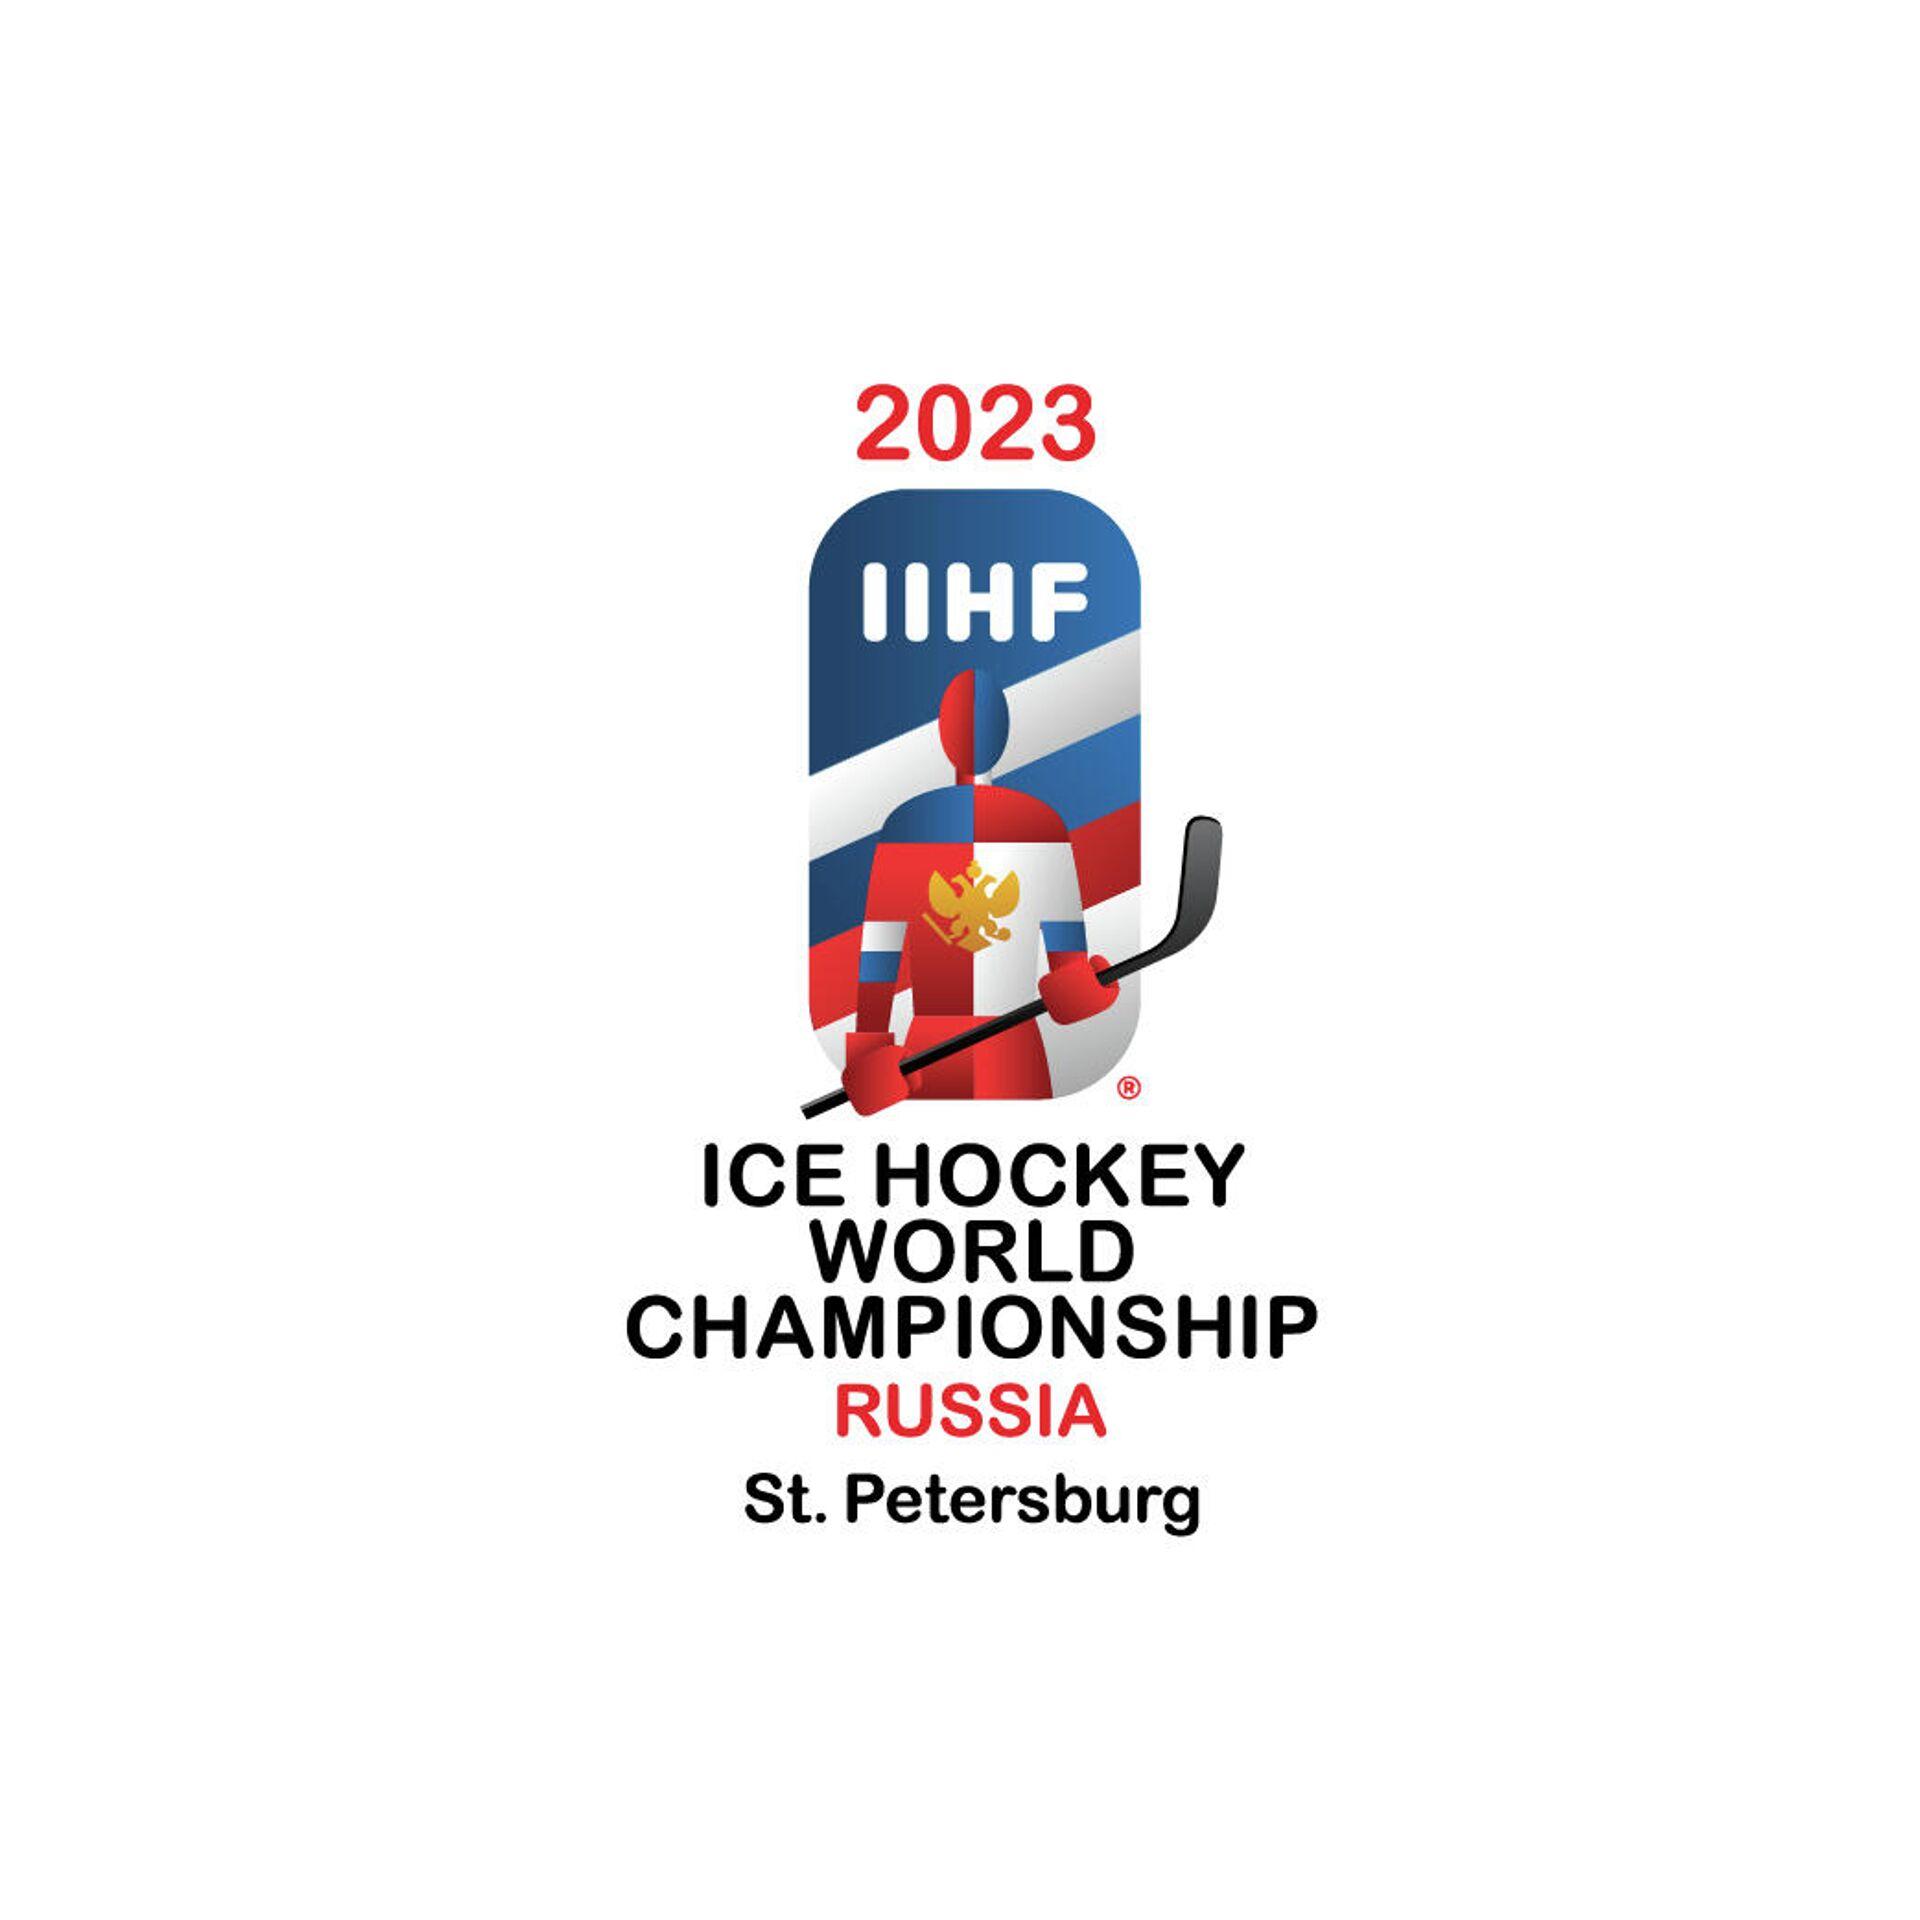 Официальный логотип чемпионата мира по хоккею 2023 года в Санкт-Петербурге - РИА Новости, 1920, 21.09.2021